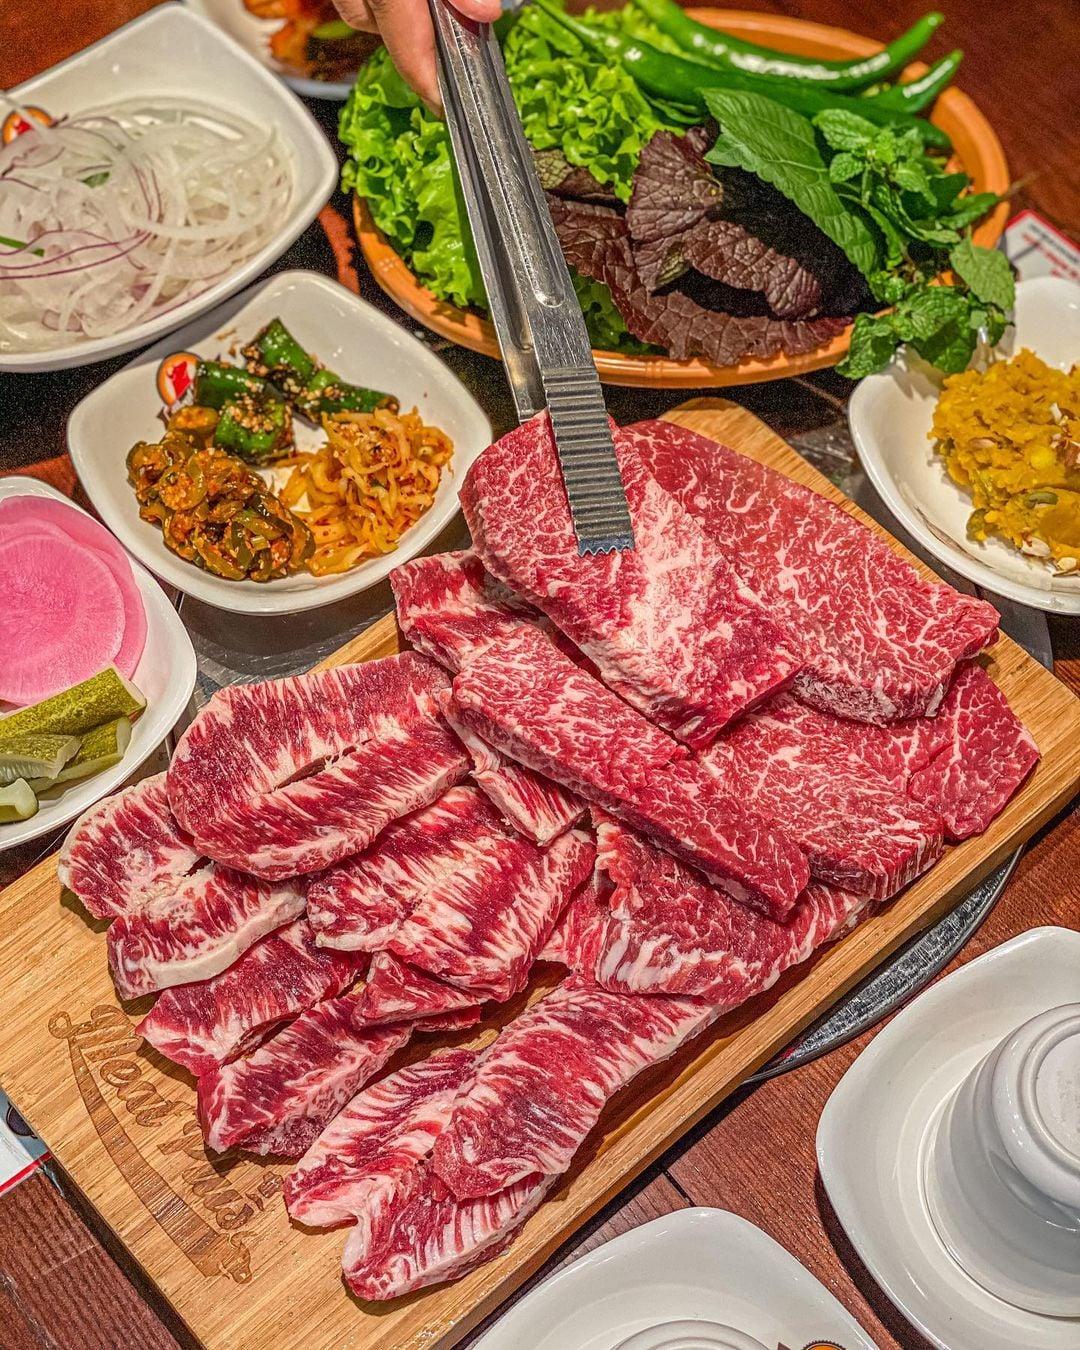 Meat plus trich sai ho tay4